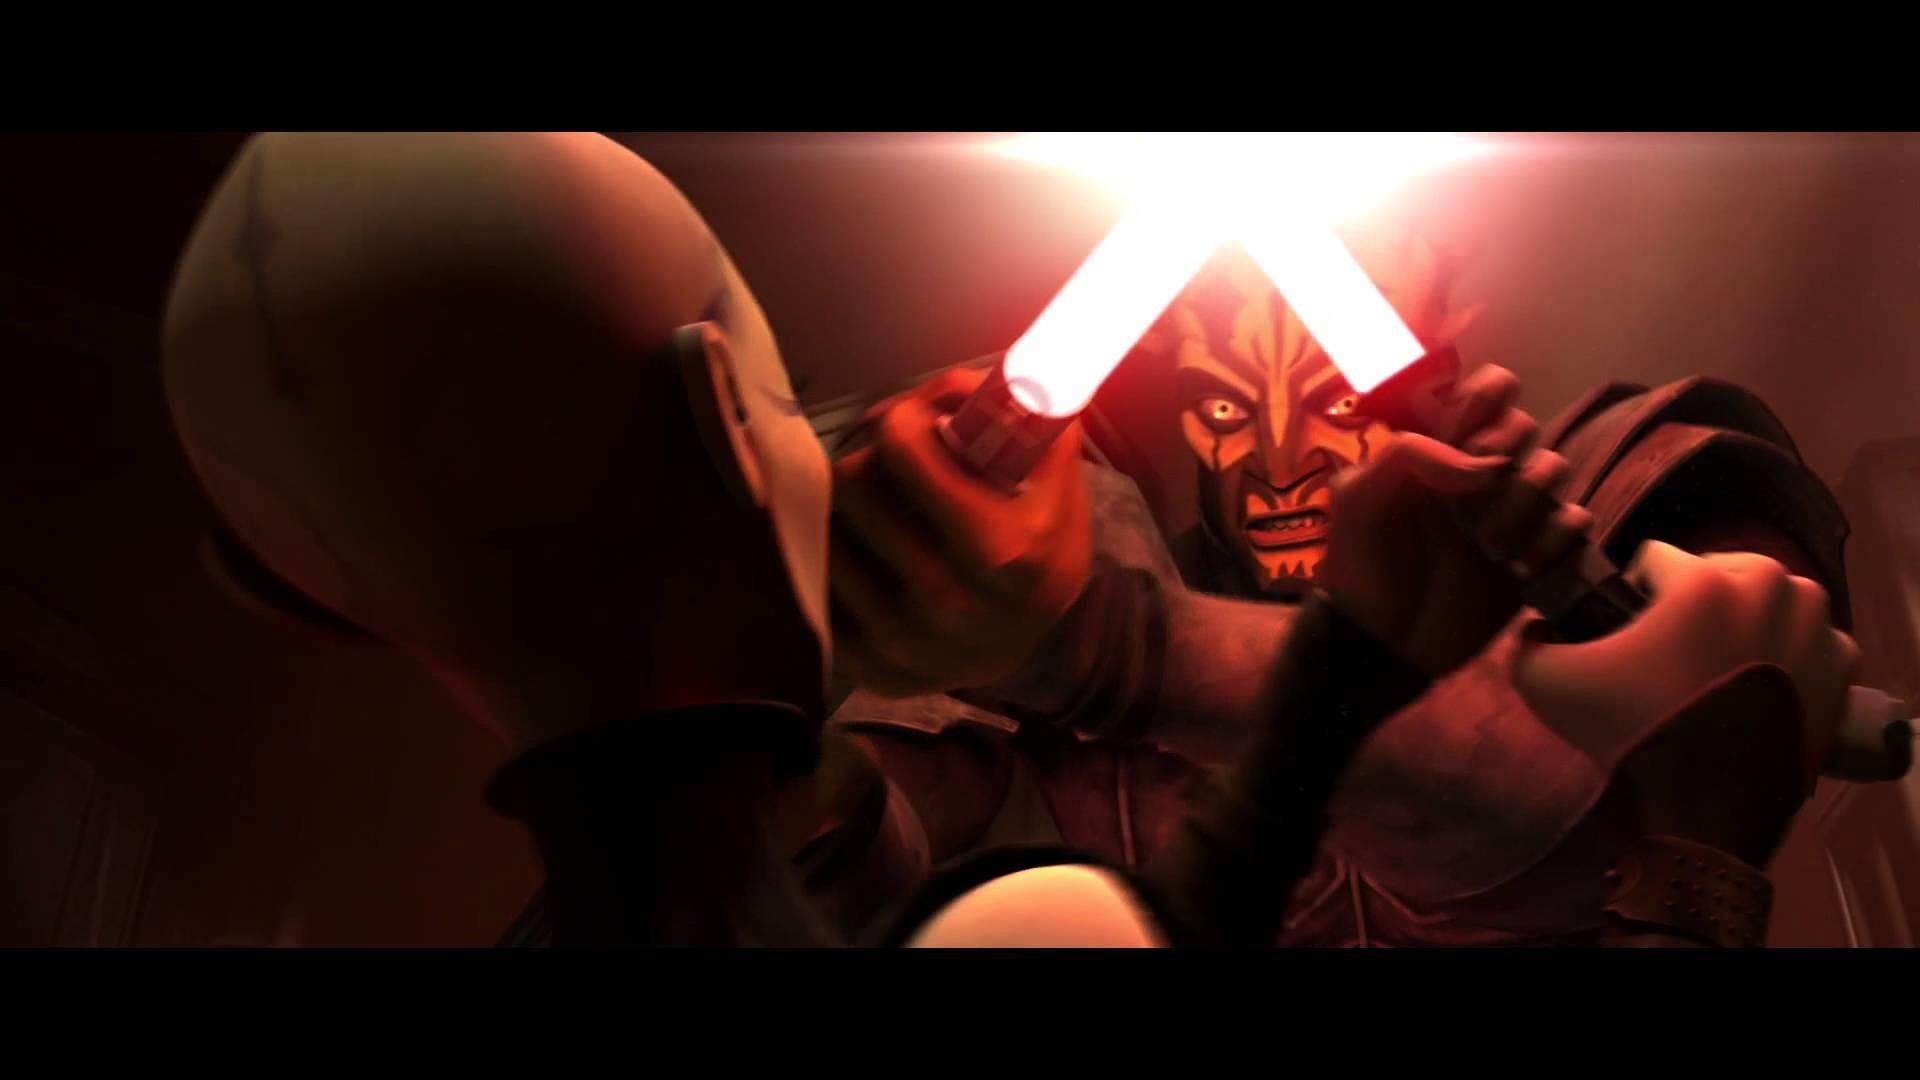 Star Wars: The Clone Wars – Obi-Wan Kenobi & Asajj Ventress vs Darth Maul &  Savage Opress [1080p] – YouTube